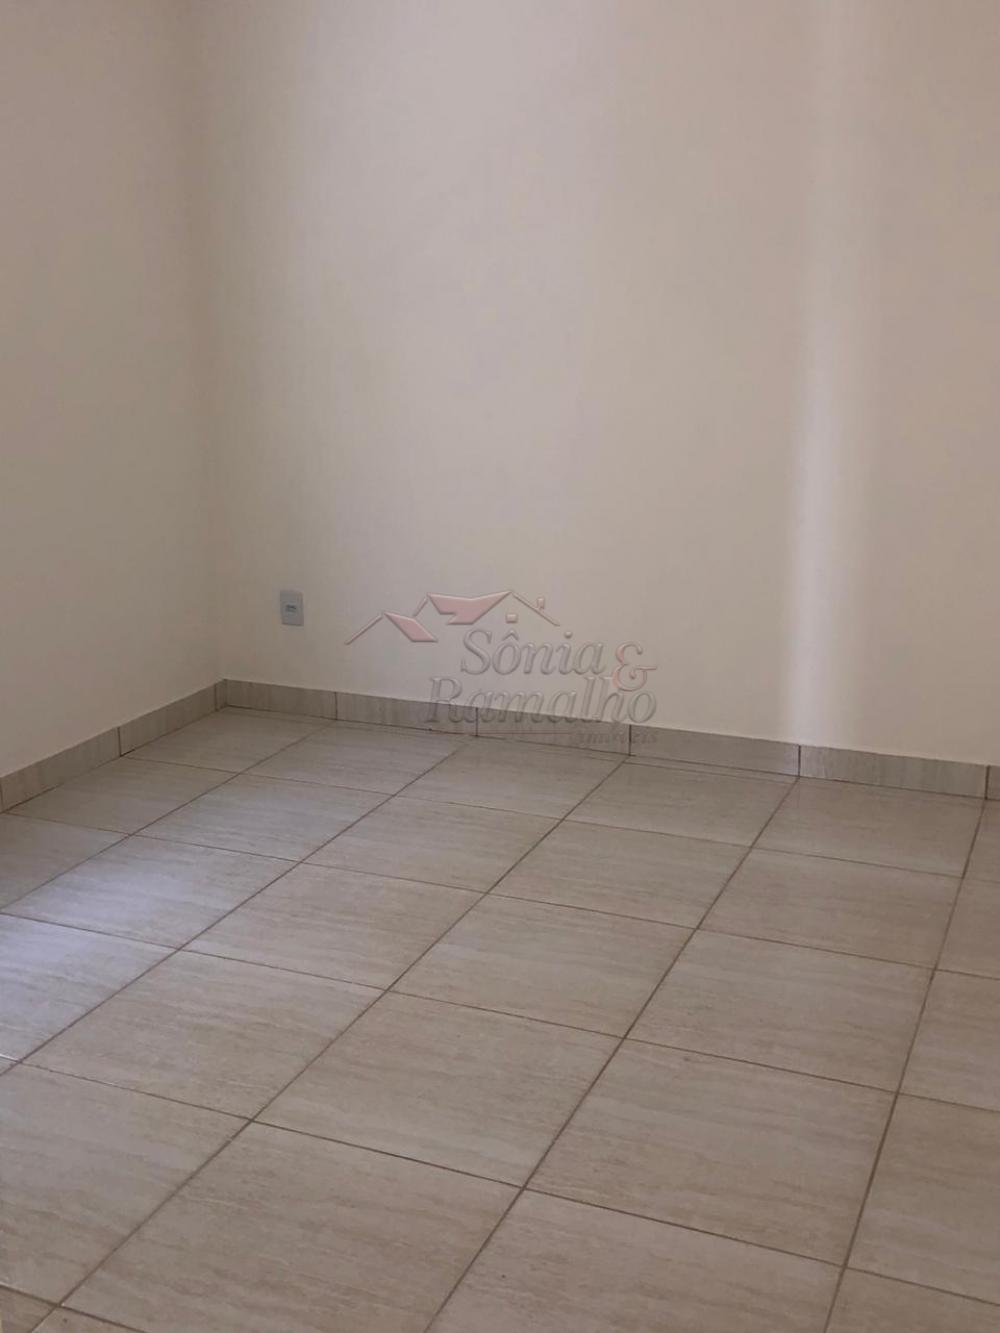 Comprar Casas / Padrão em Ribeirão Preto apenas R$ 175.000,00 - Foto 17